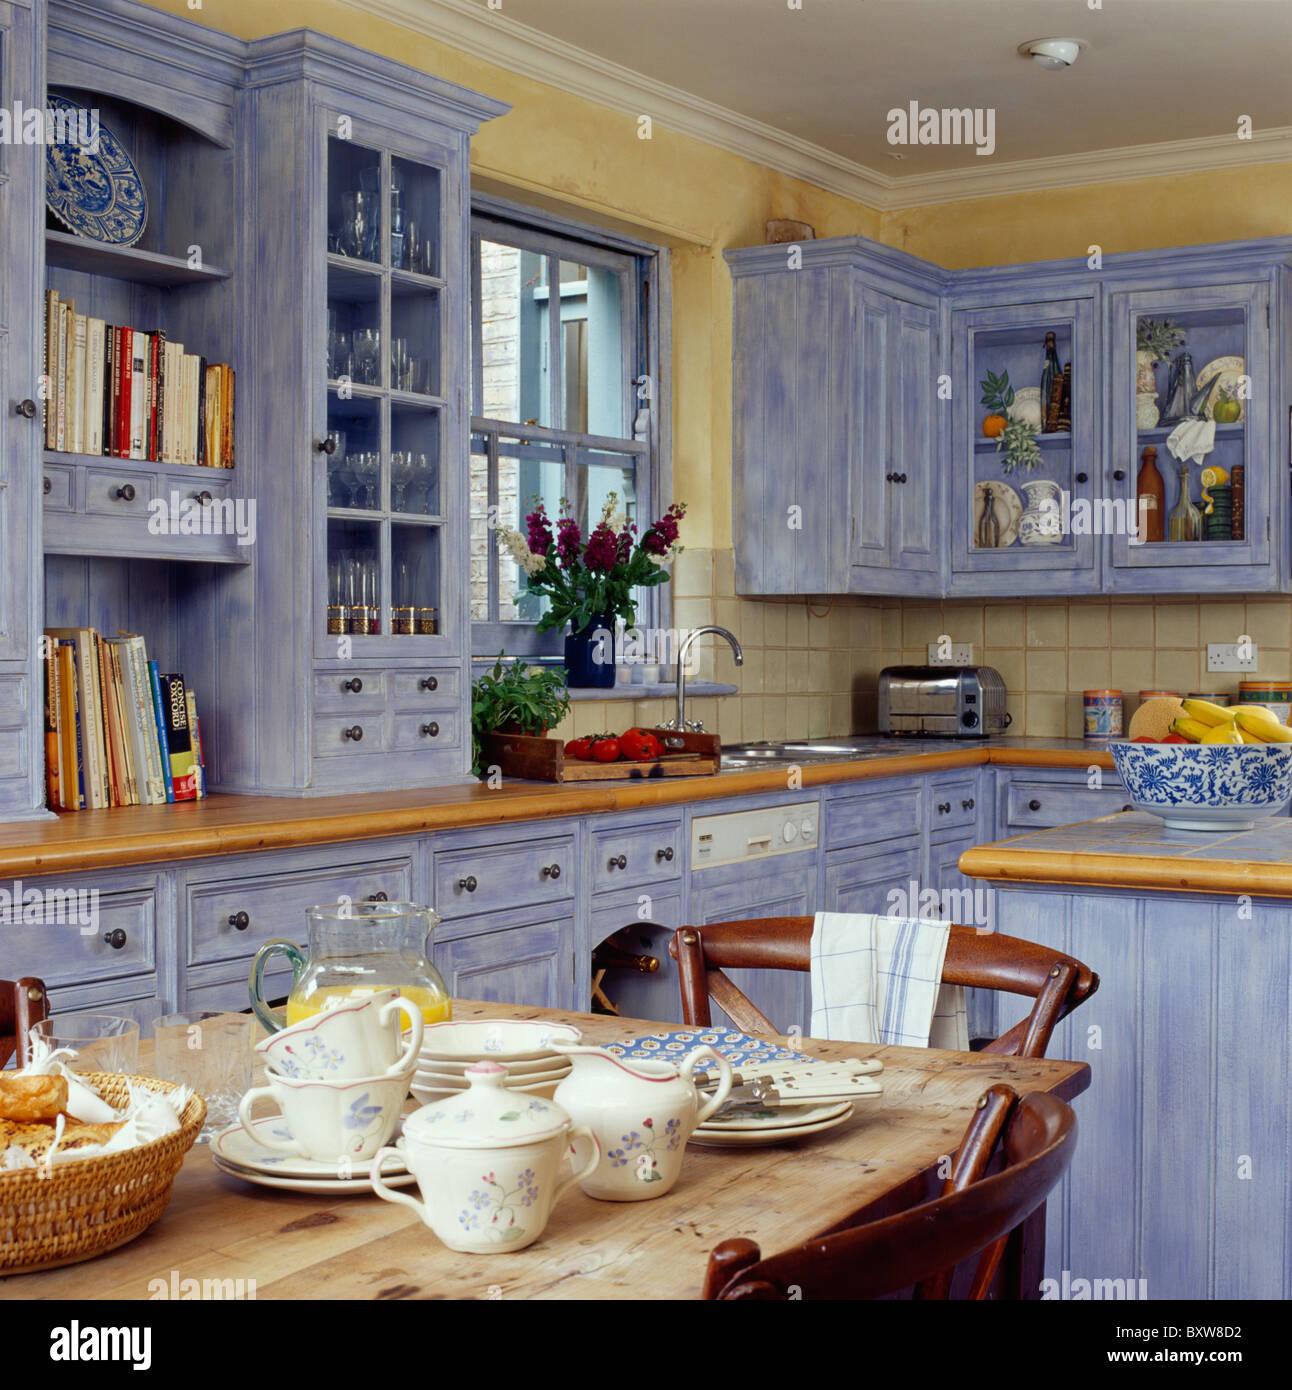 Großartig Hellblau Küchendekor Bilder - Ideen Für Die Küche ...